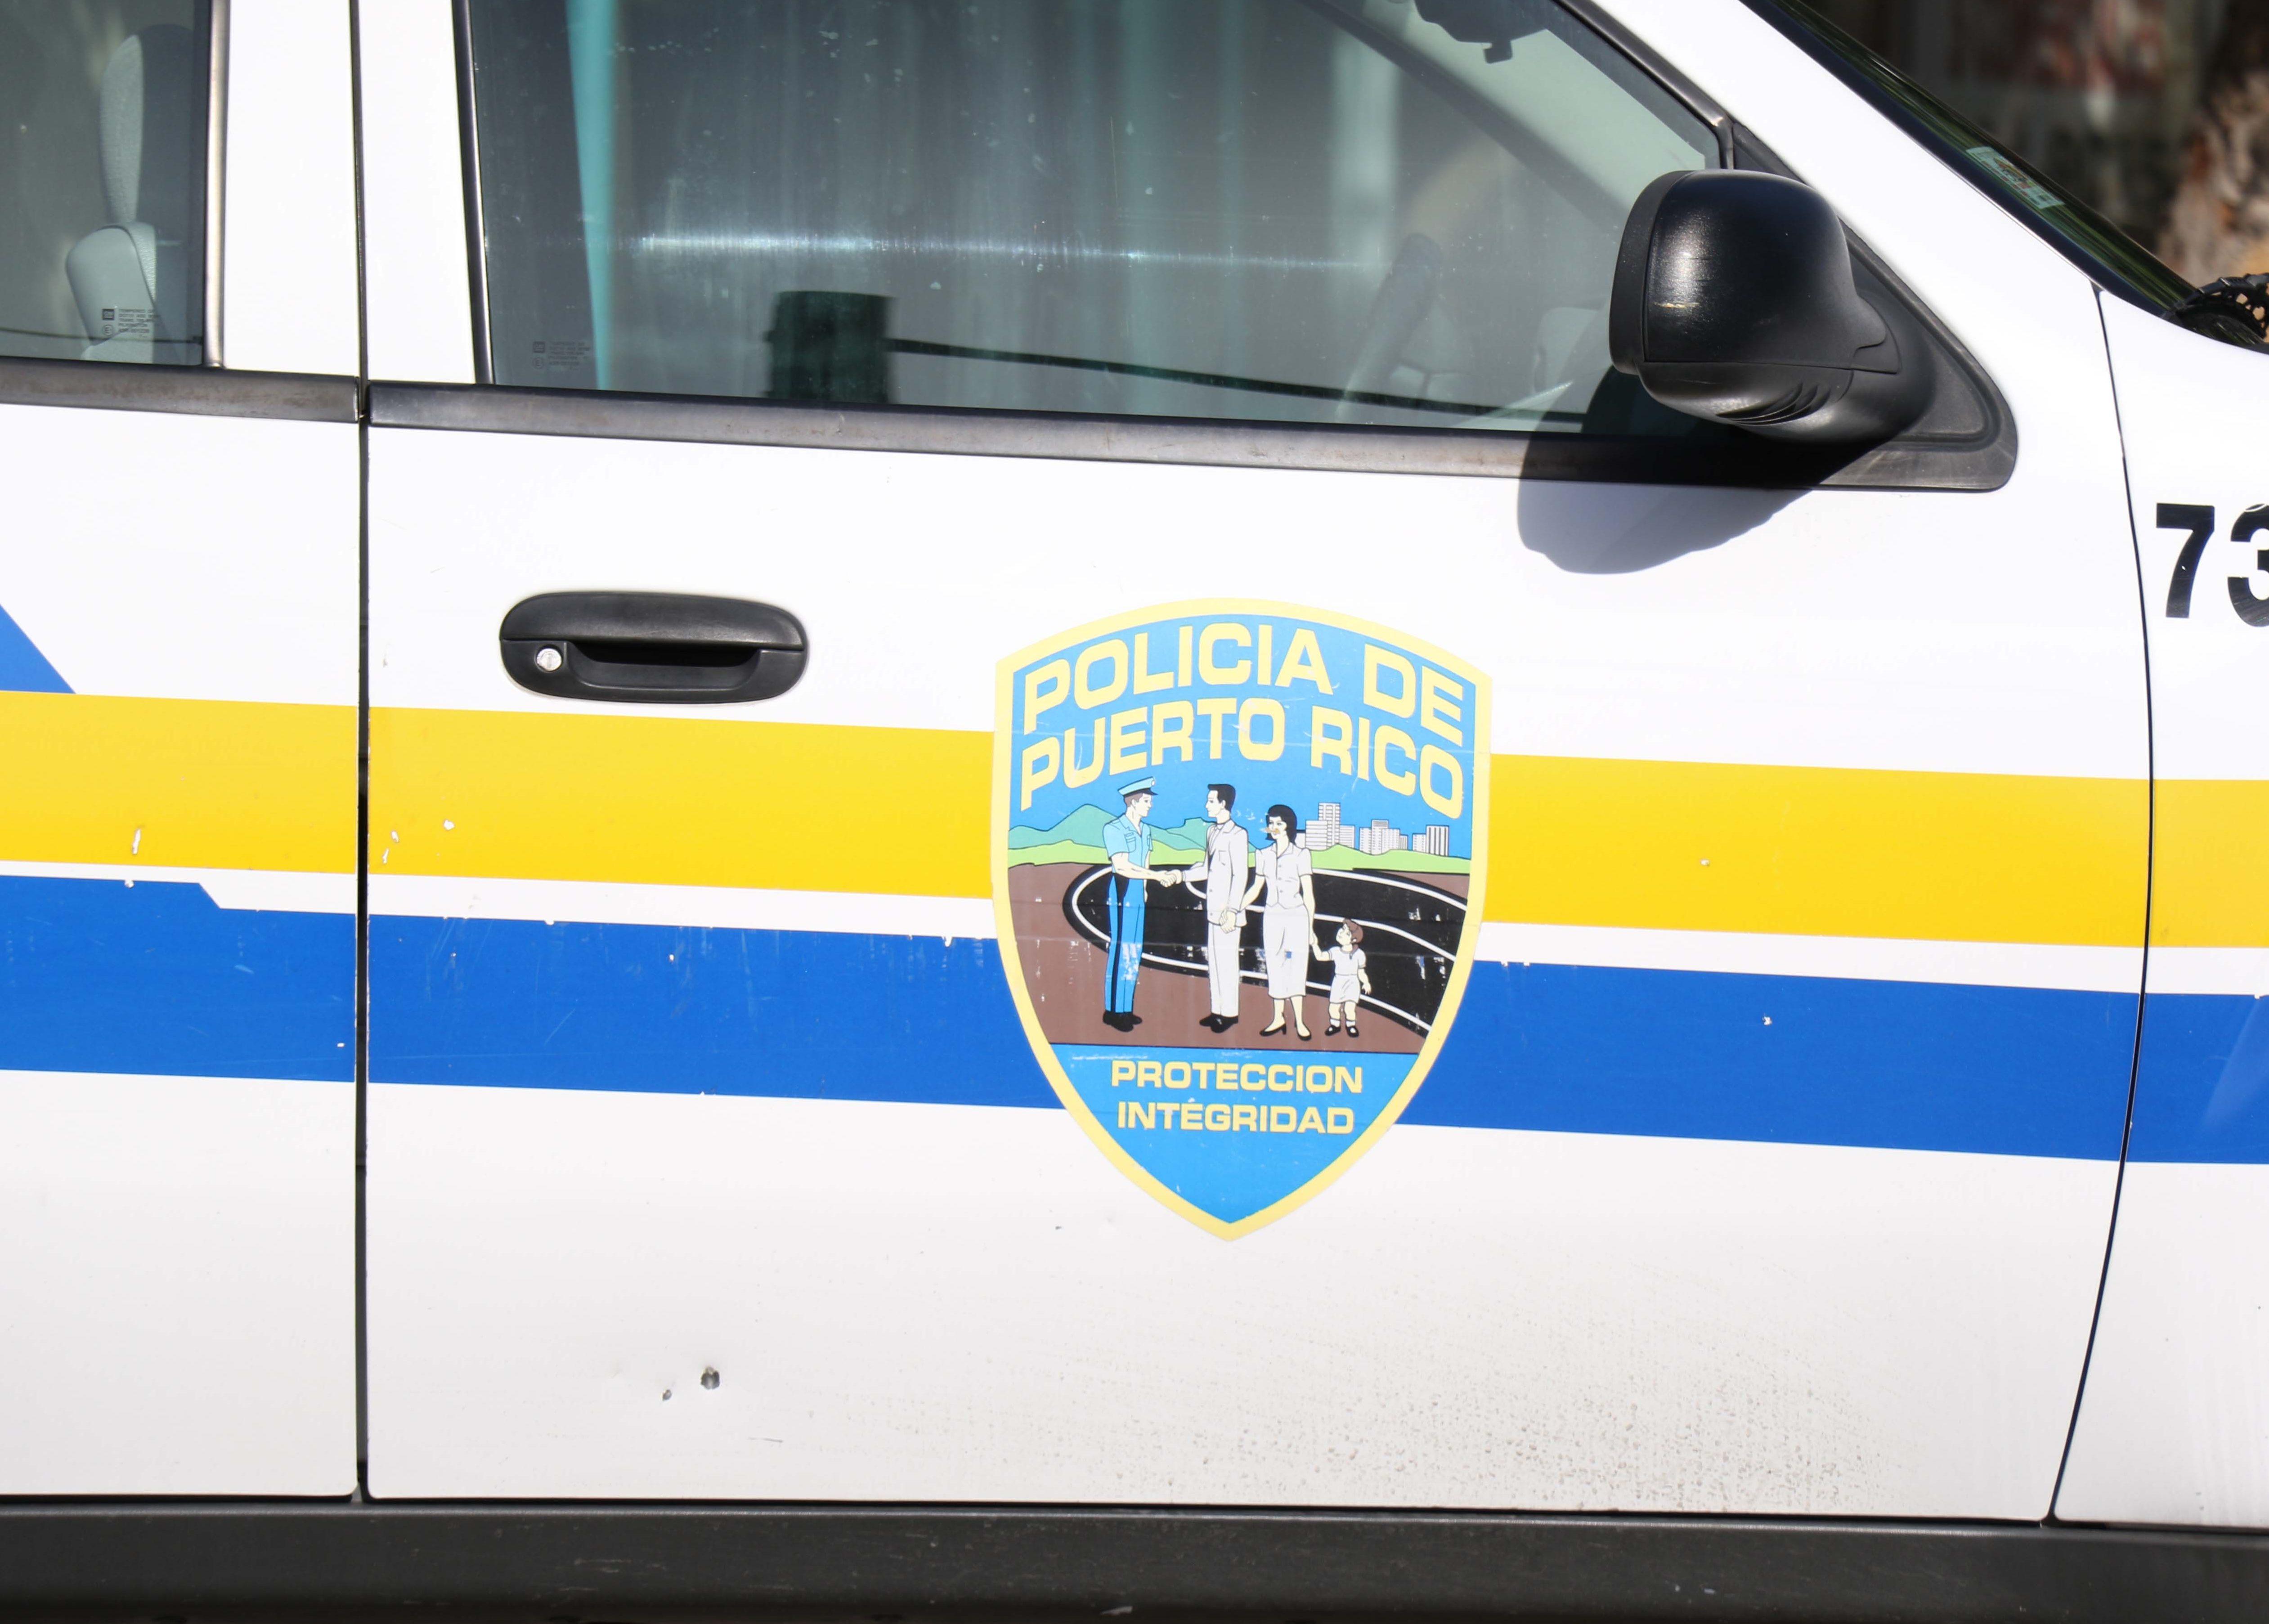 Agentes de la Policía de Puerto Rico investigaron la escena.